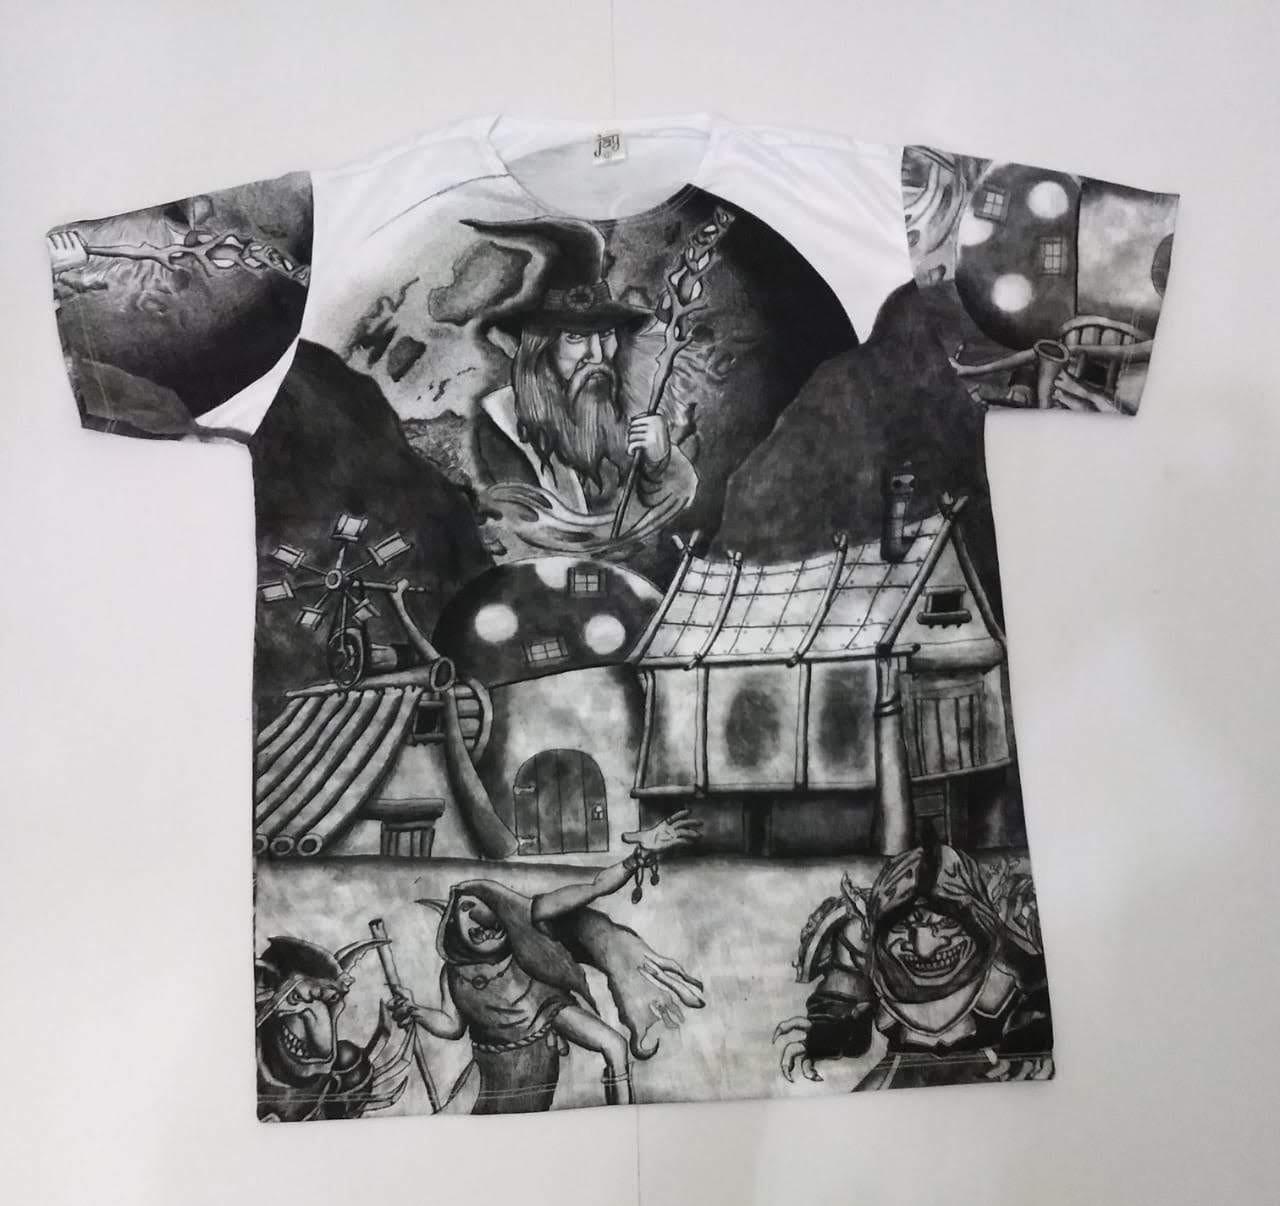 JA021 - Camiseta Branca (Mago c/ Elfos)